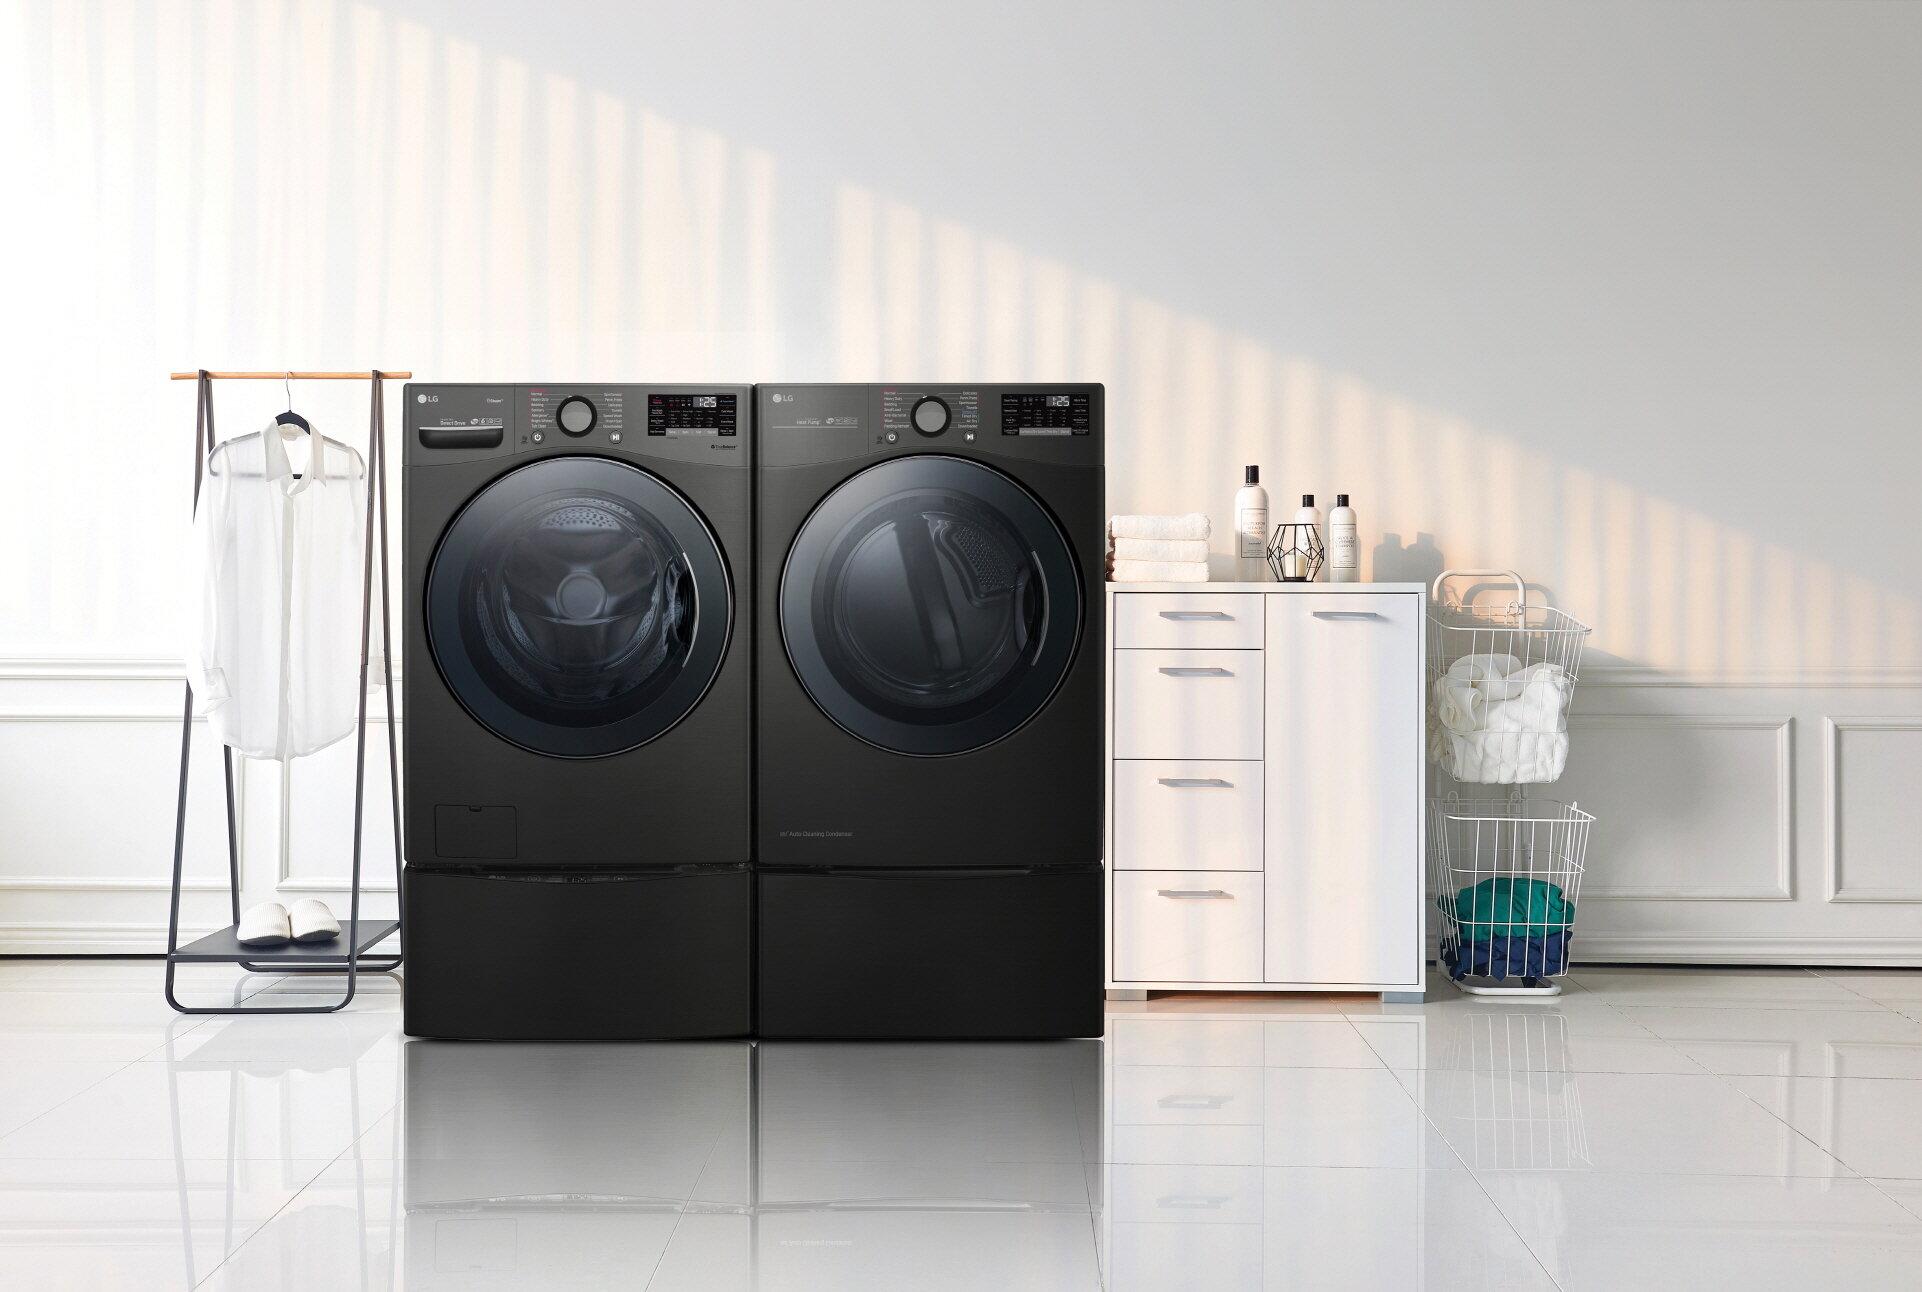 Máy giặt LG cửa trước có nhiều chức năng hiện đại